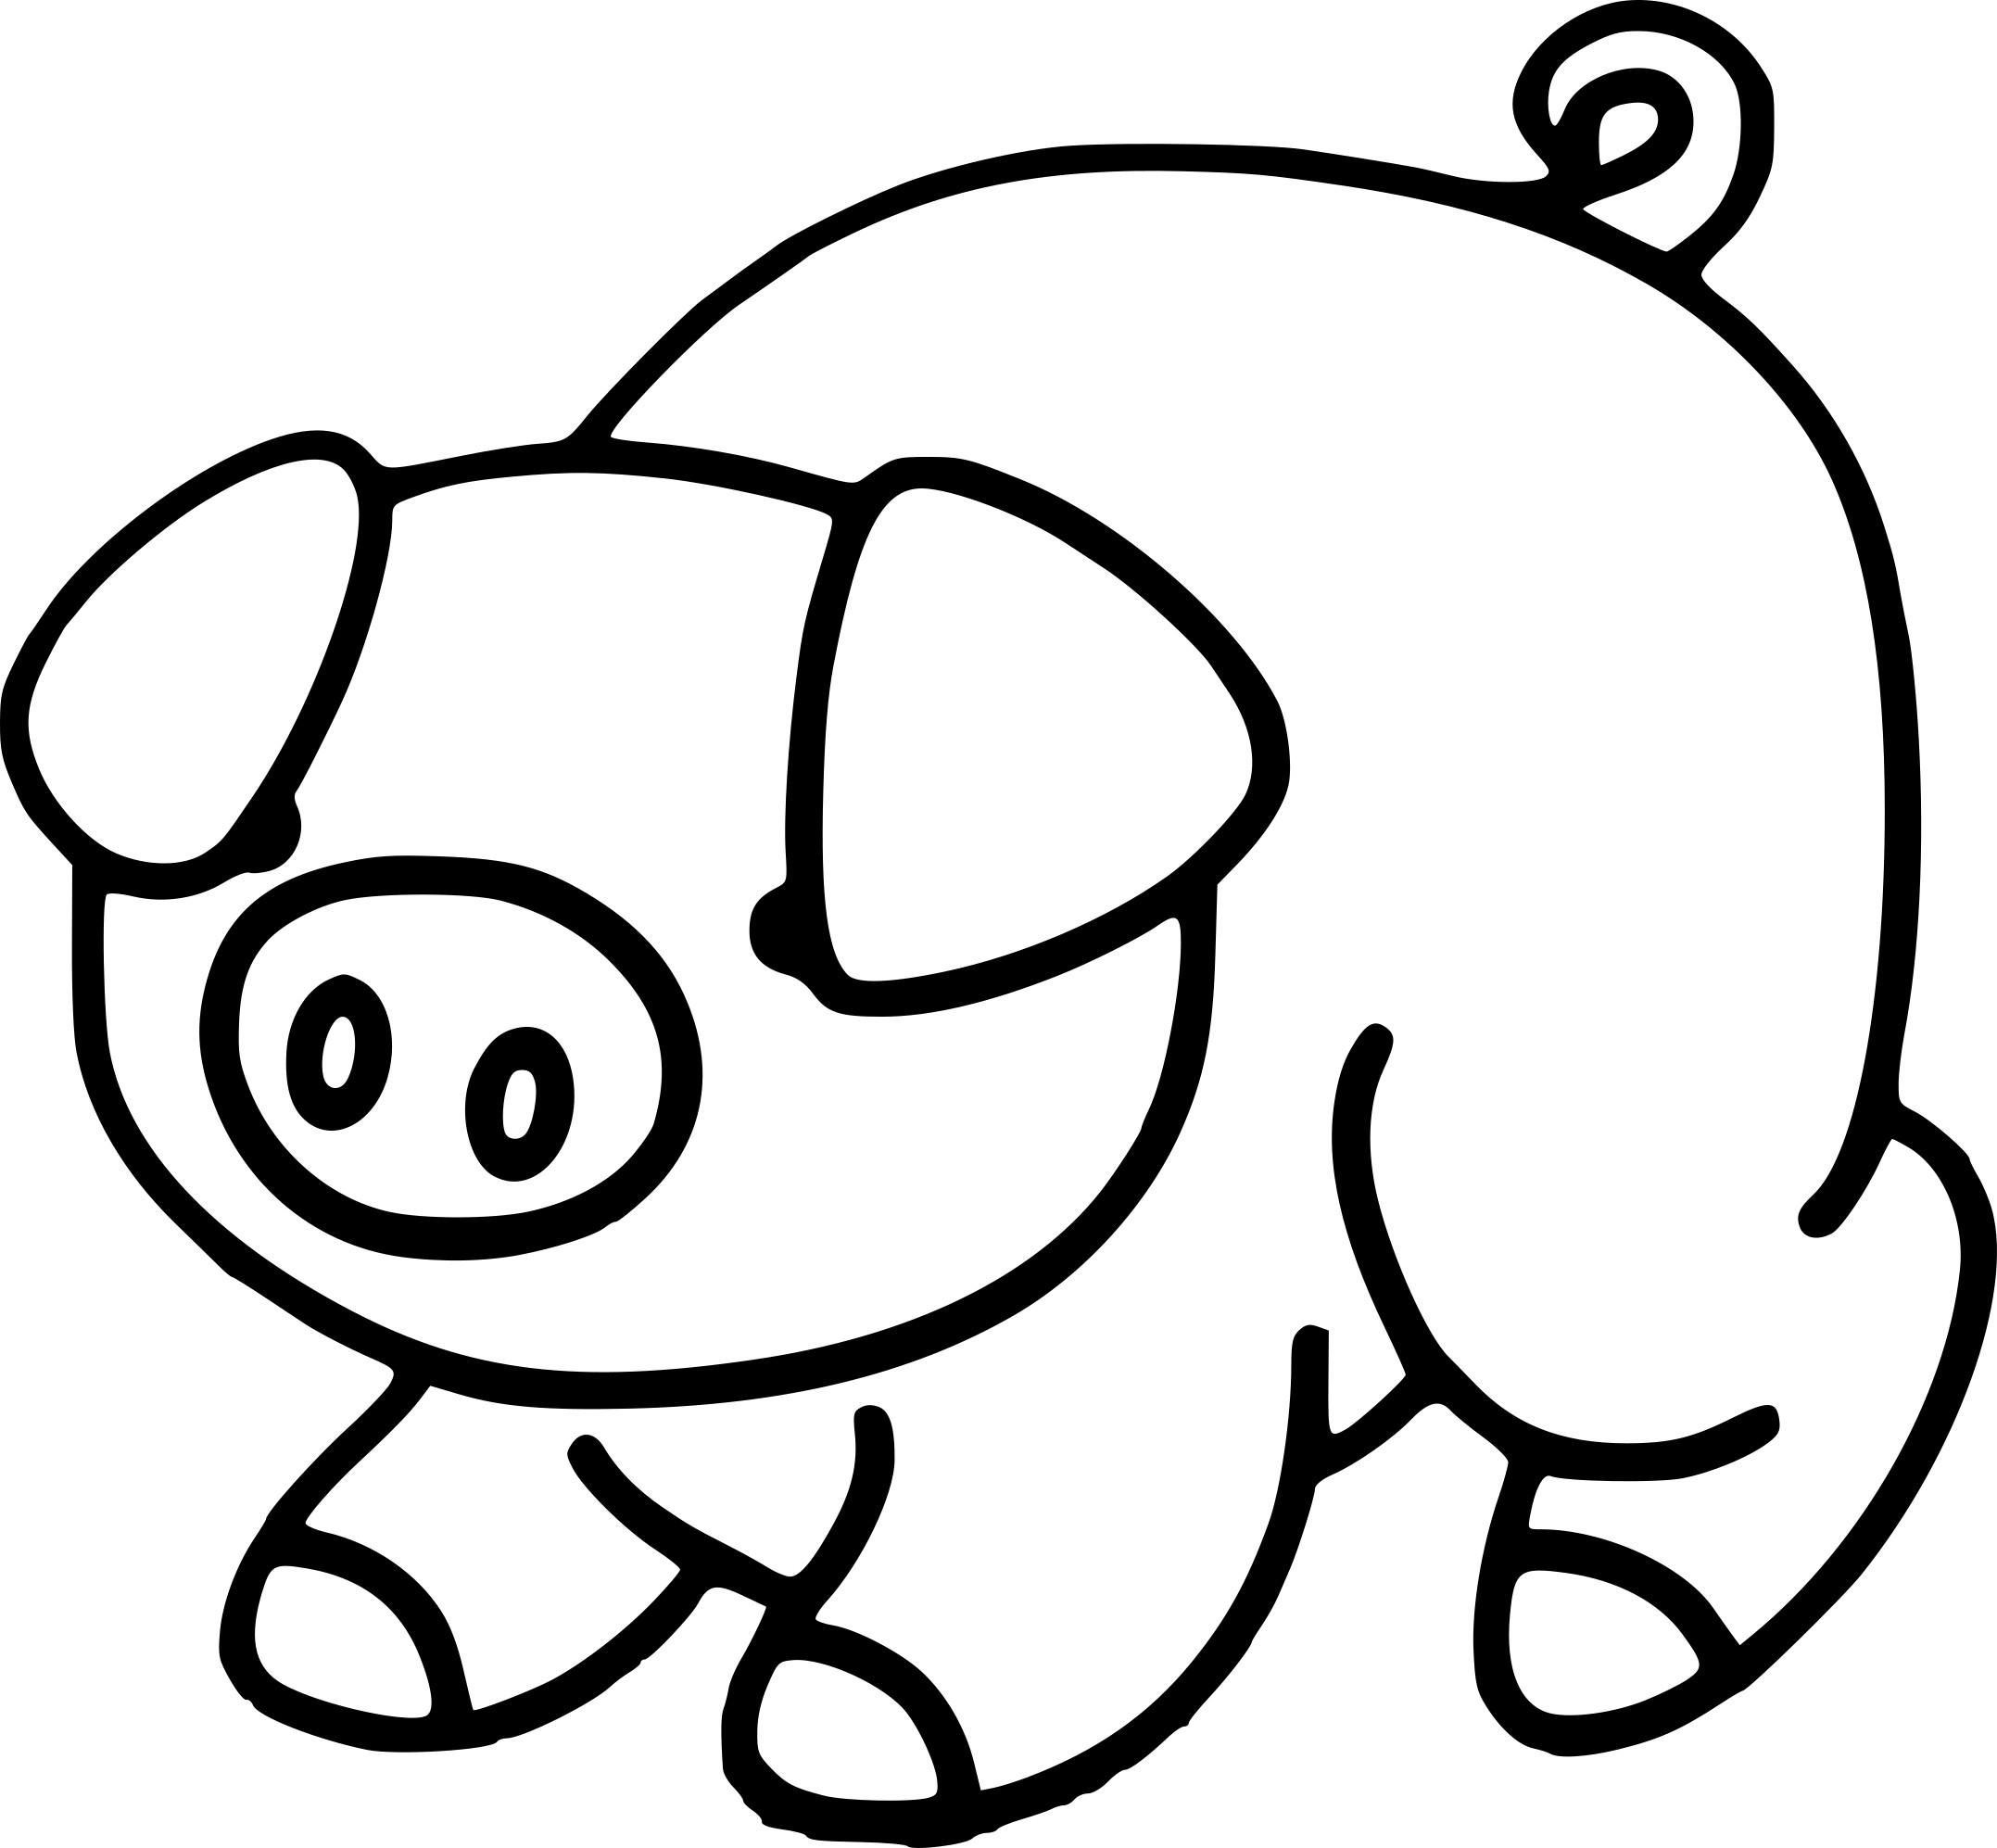 Coloriage Cochon Maternelle À Imprimer Sur Coloriages pour Dessin Cochon A Colorier